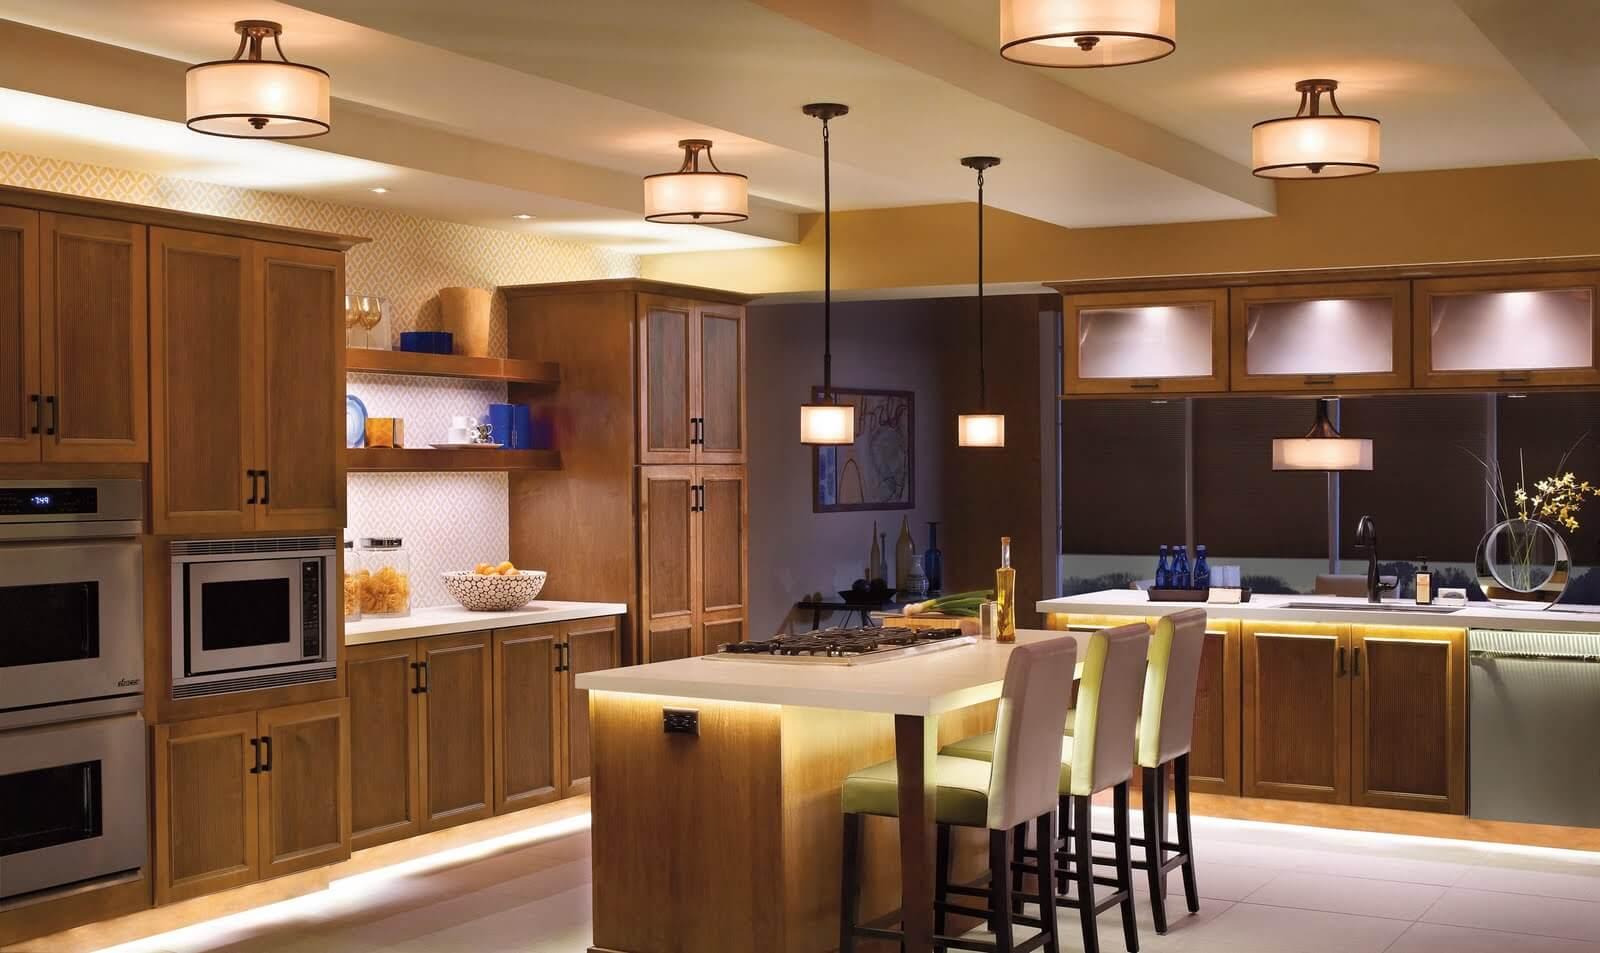 Kitchen-Lighting-Ideas